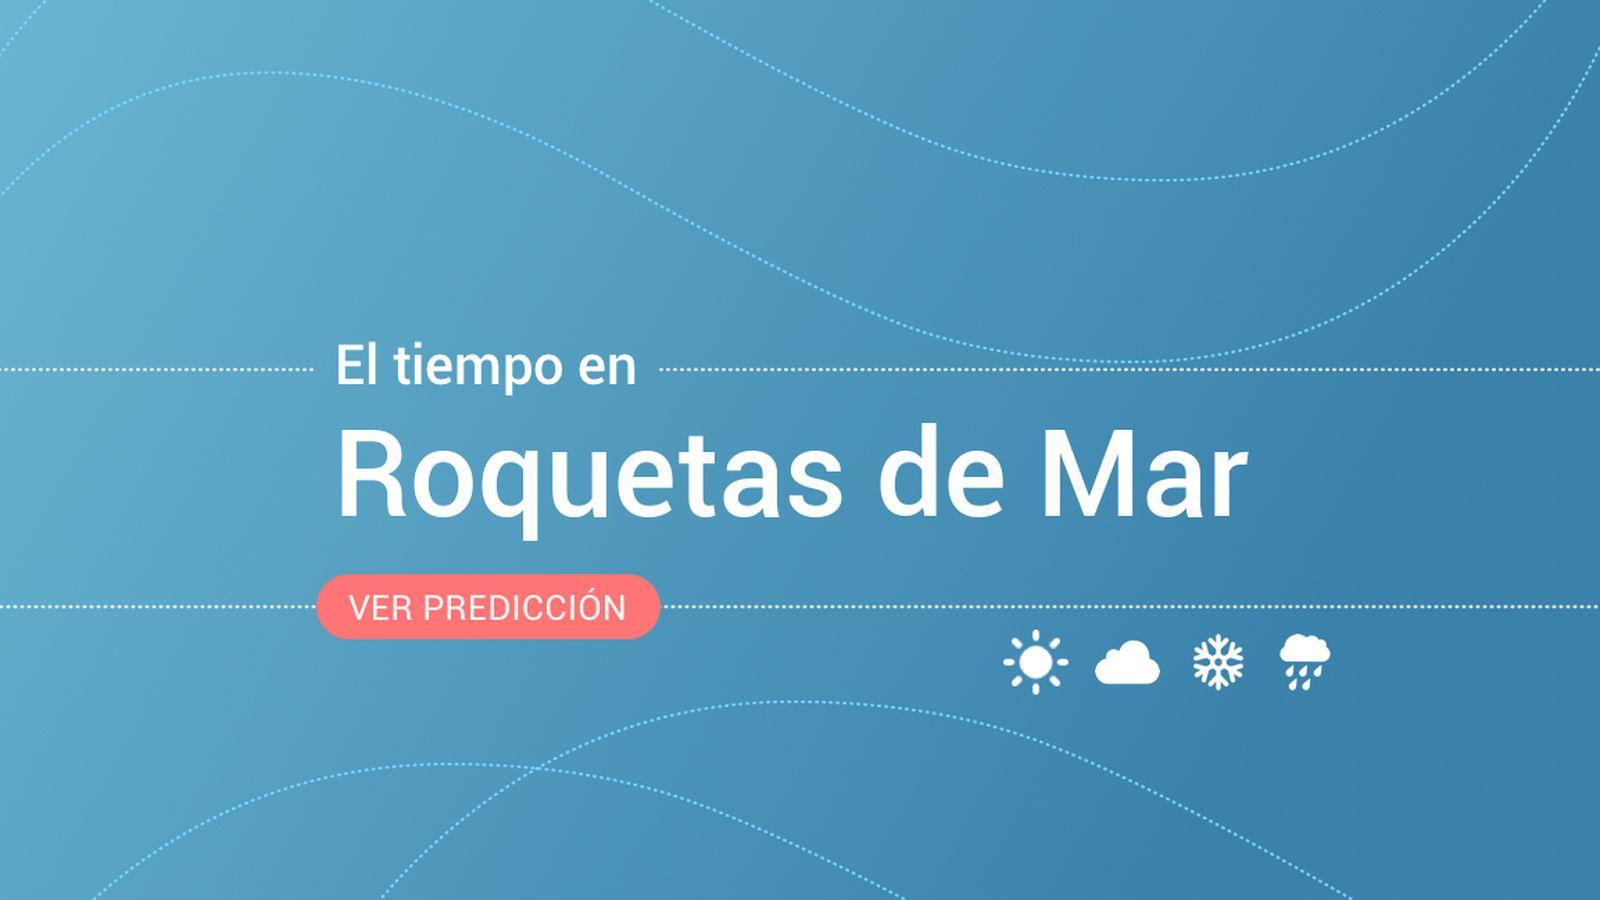 Foto: El tiempo en Roquetas de Mar. (EC)